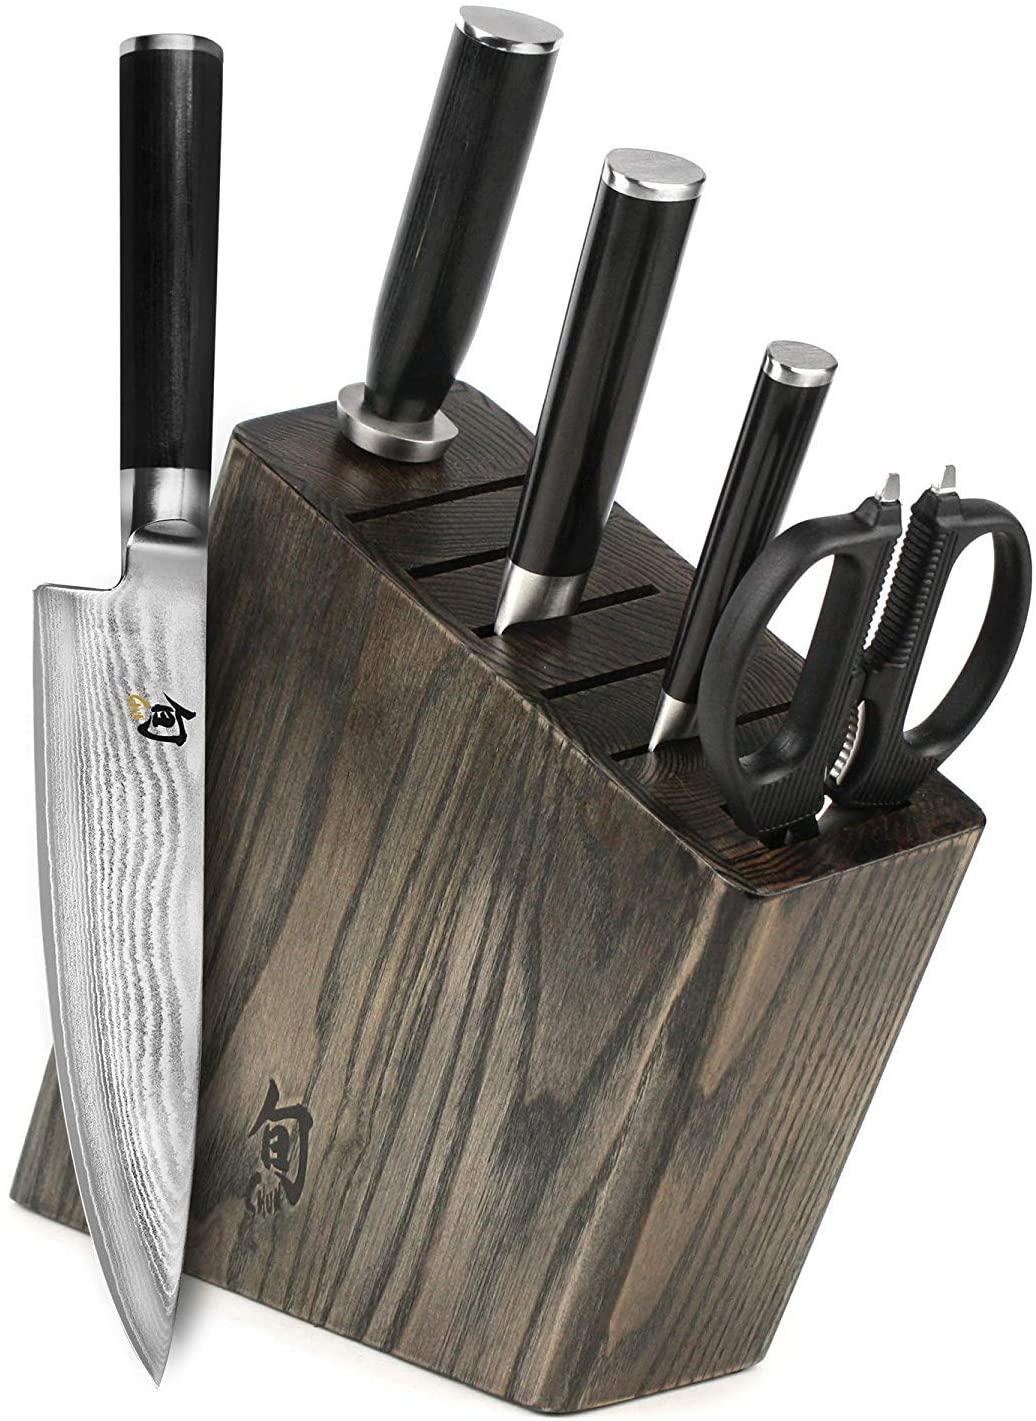 Knife Block Sets